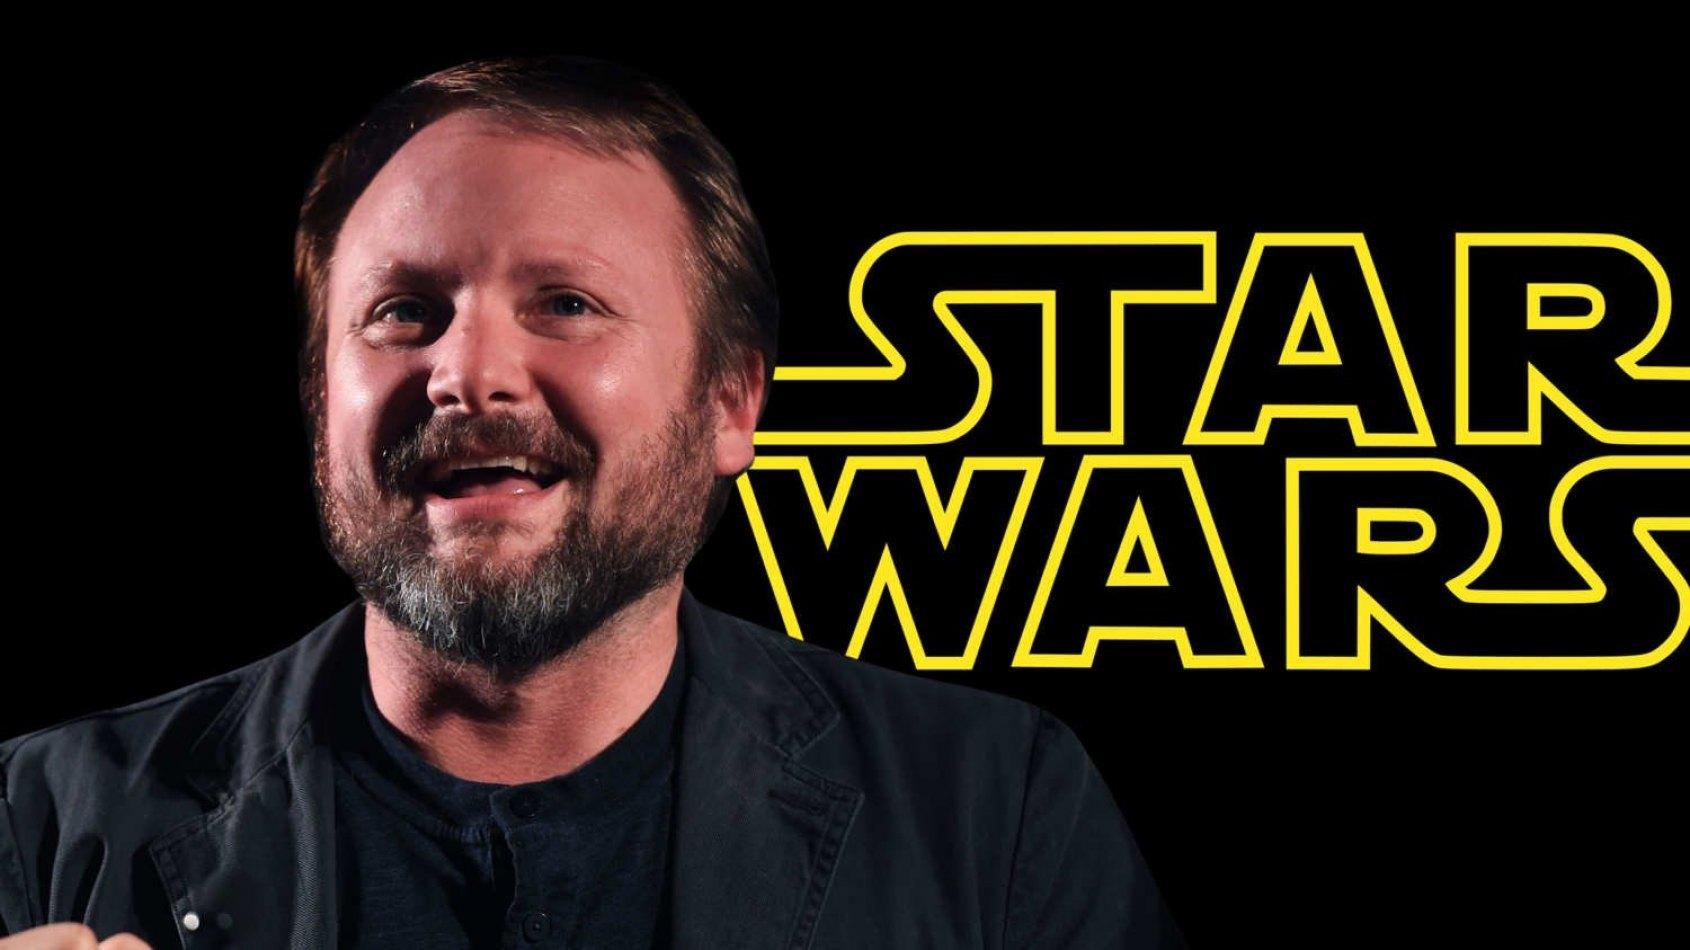 L'Episode VIII et le Spin Off sur Han Solo à Celebration Londres